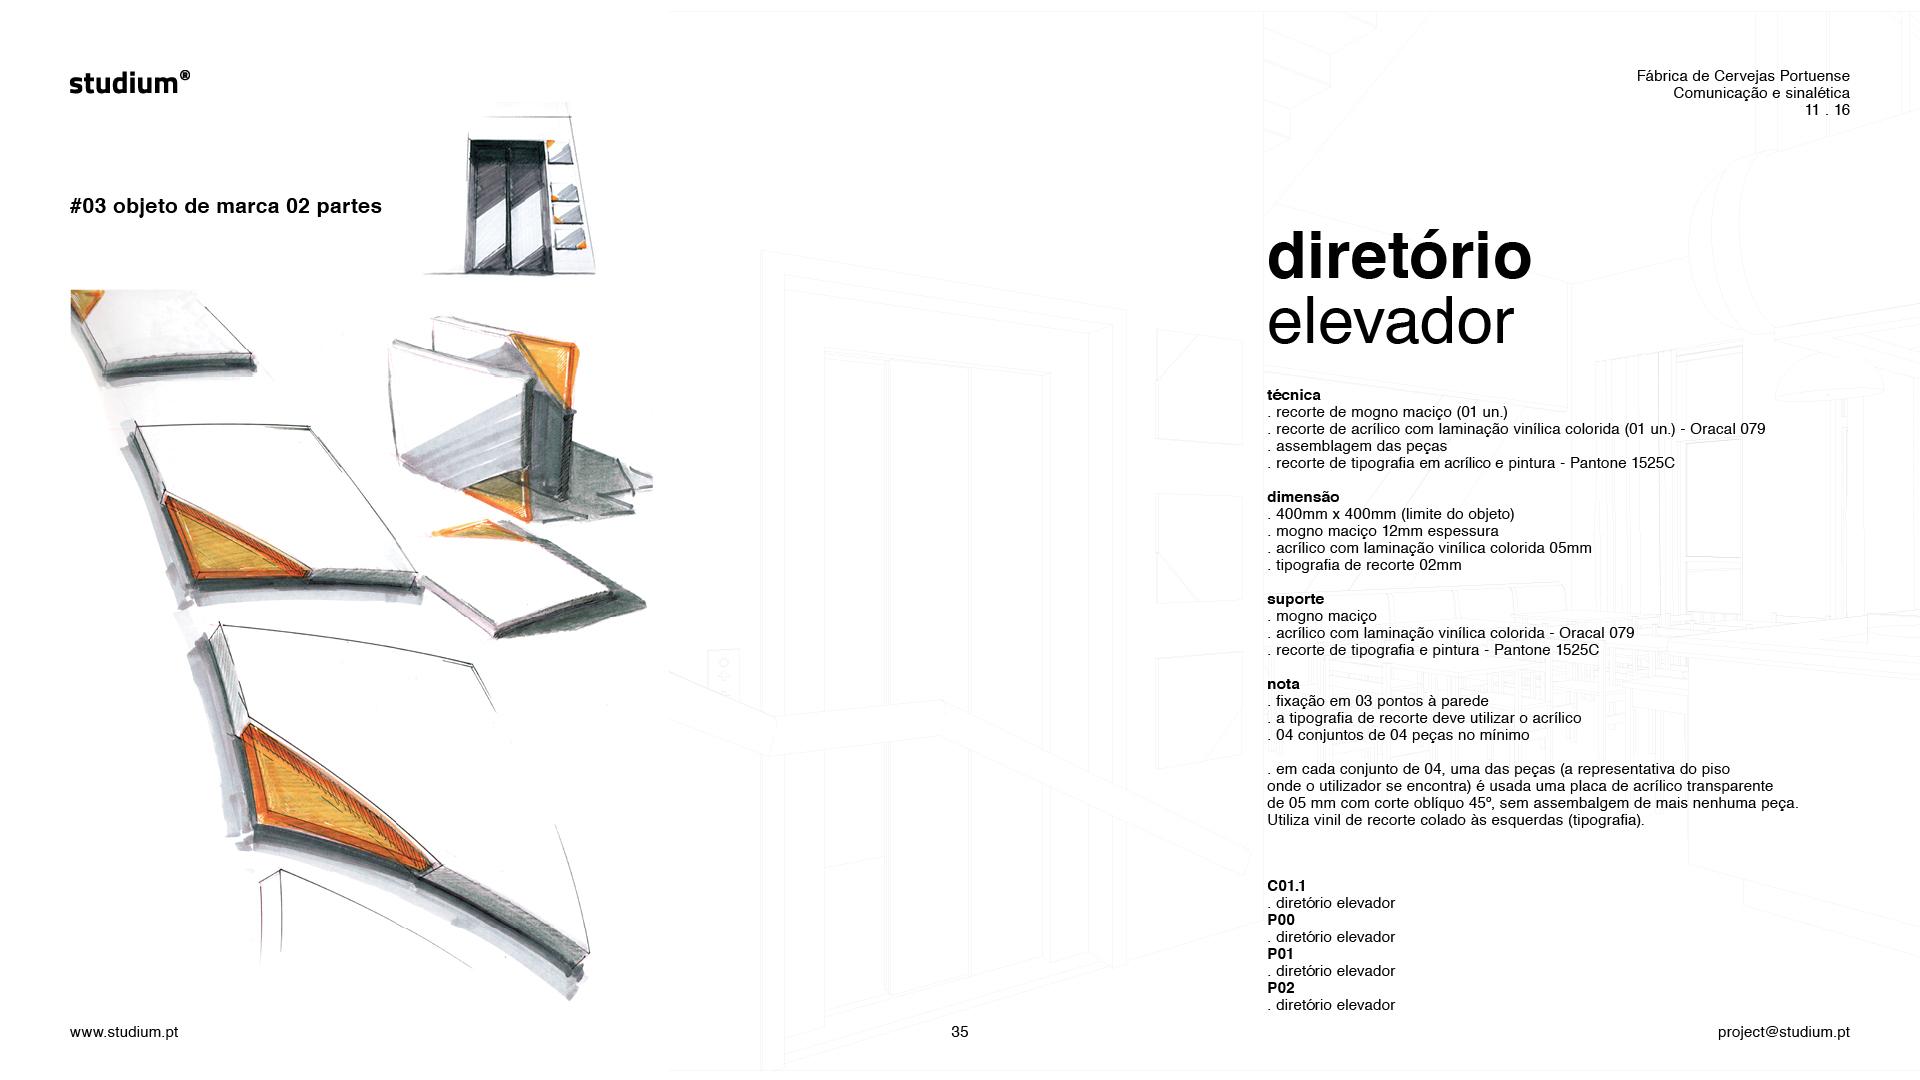 DSN20160033-FCPortuense-Sinaletica-Presentation-T35